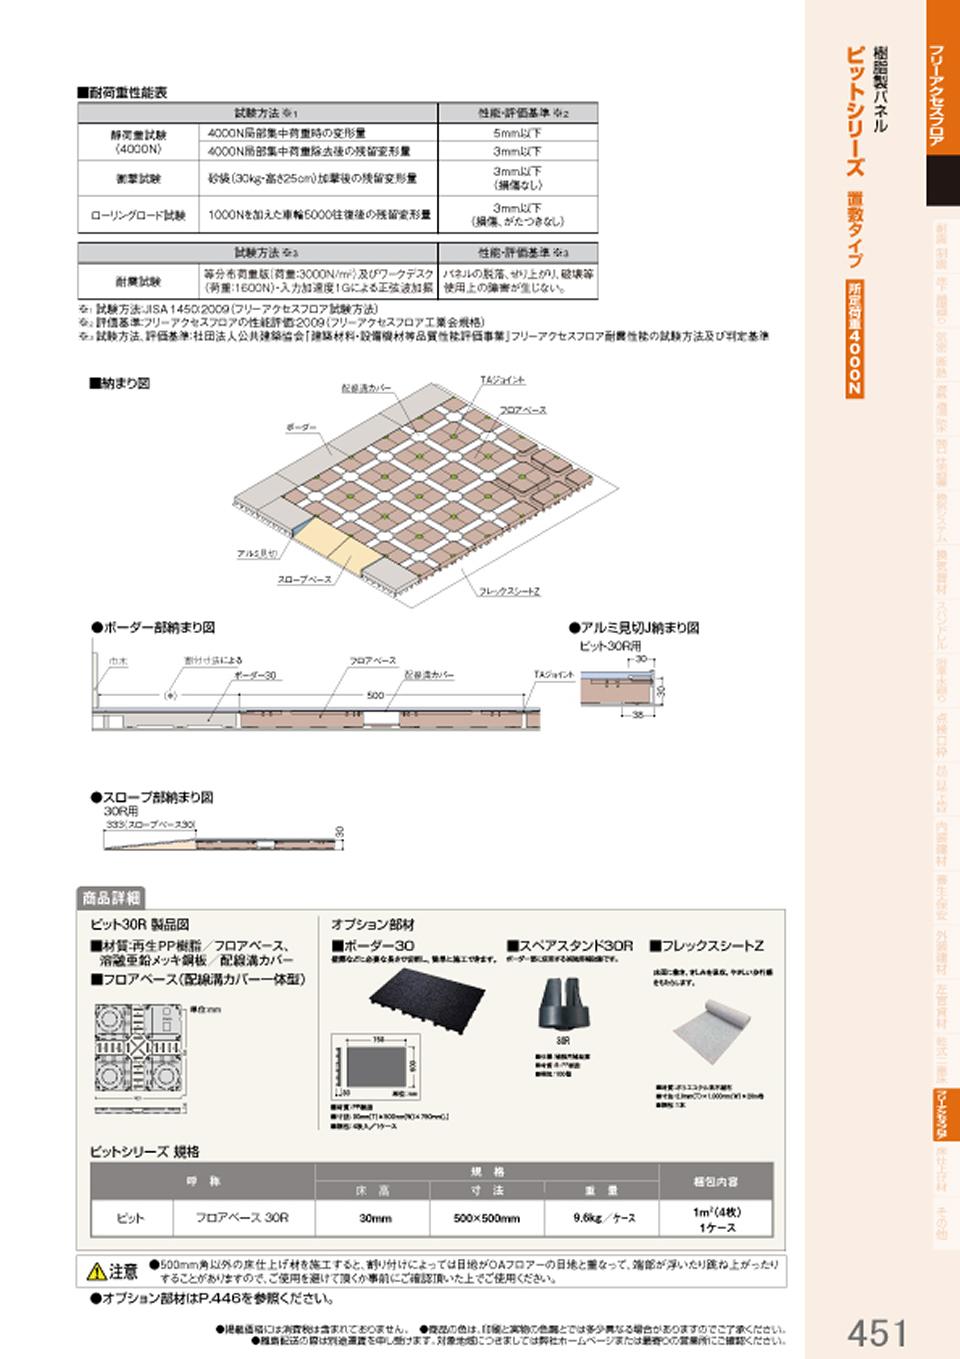 樹脂製パネル ピットシリーズ 置敷タイプ 所定荷重4000N